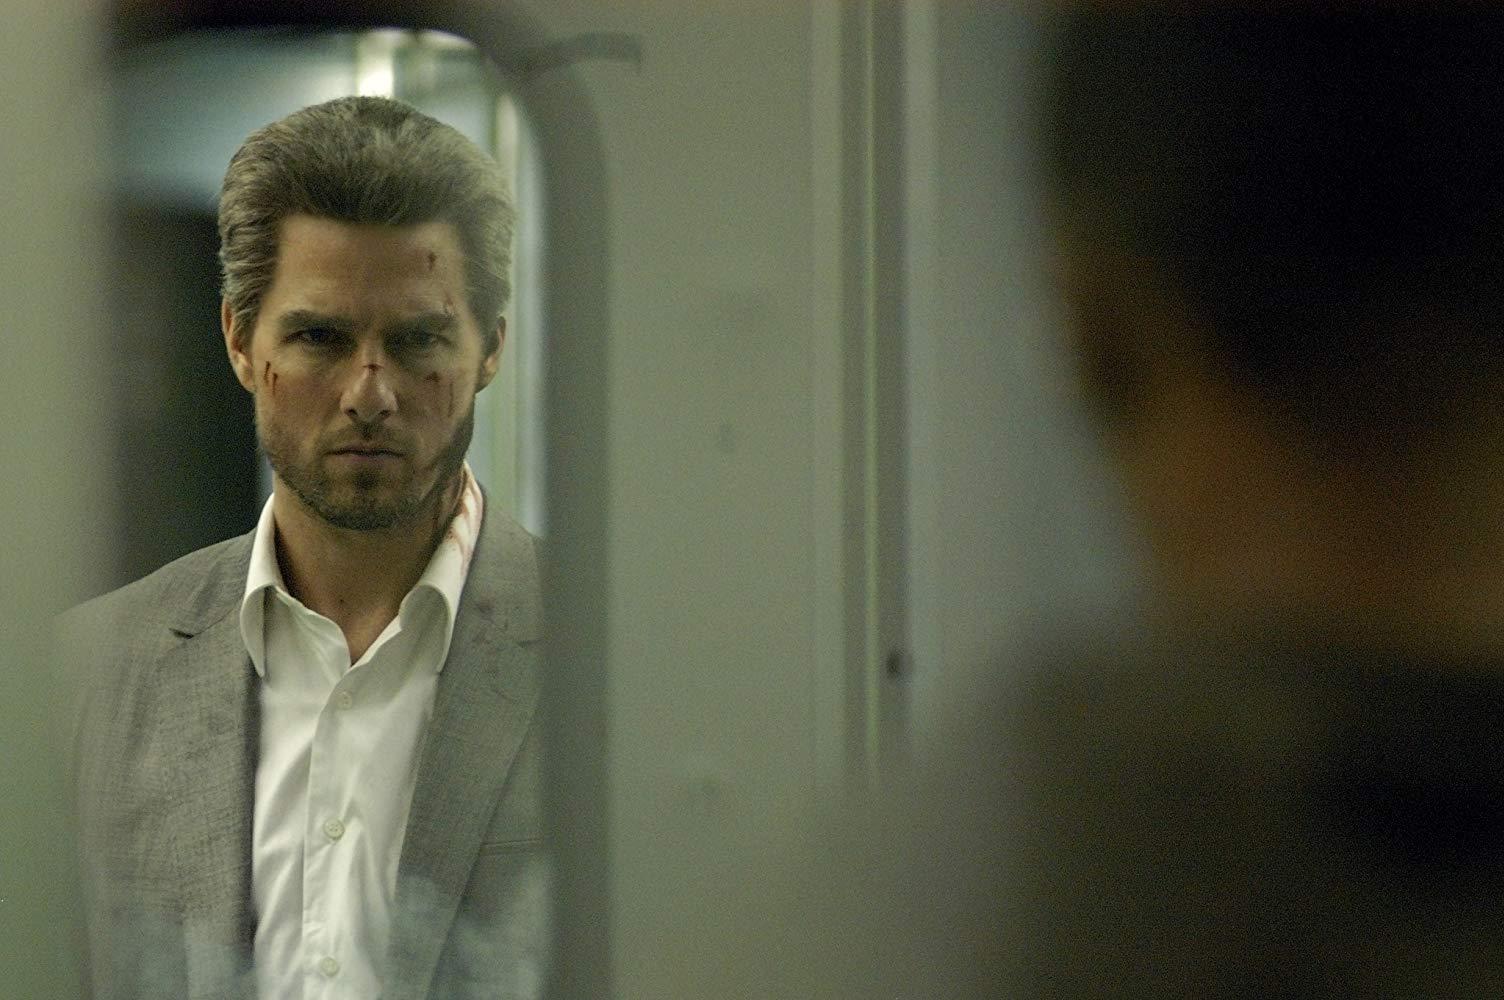 【考察】冷酷な殺し屋ヴィンセントは本当に最後まで冷酷か